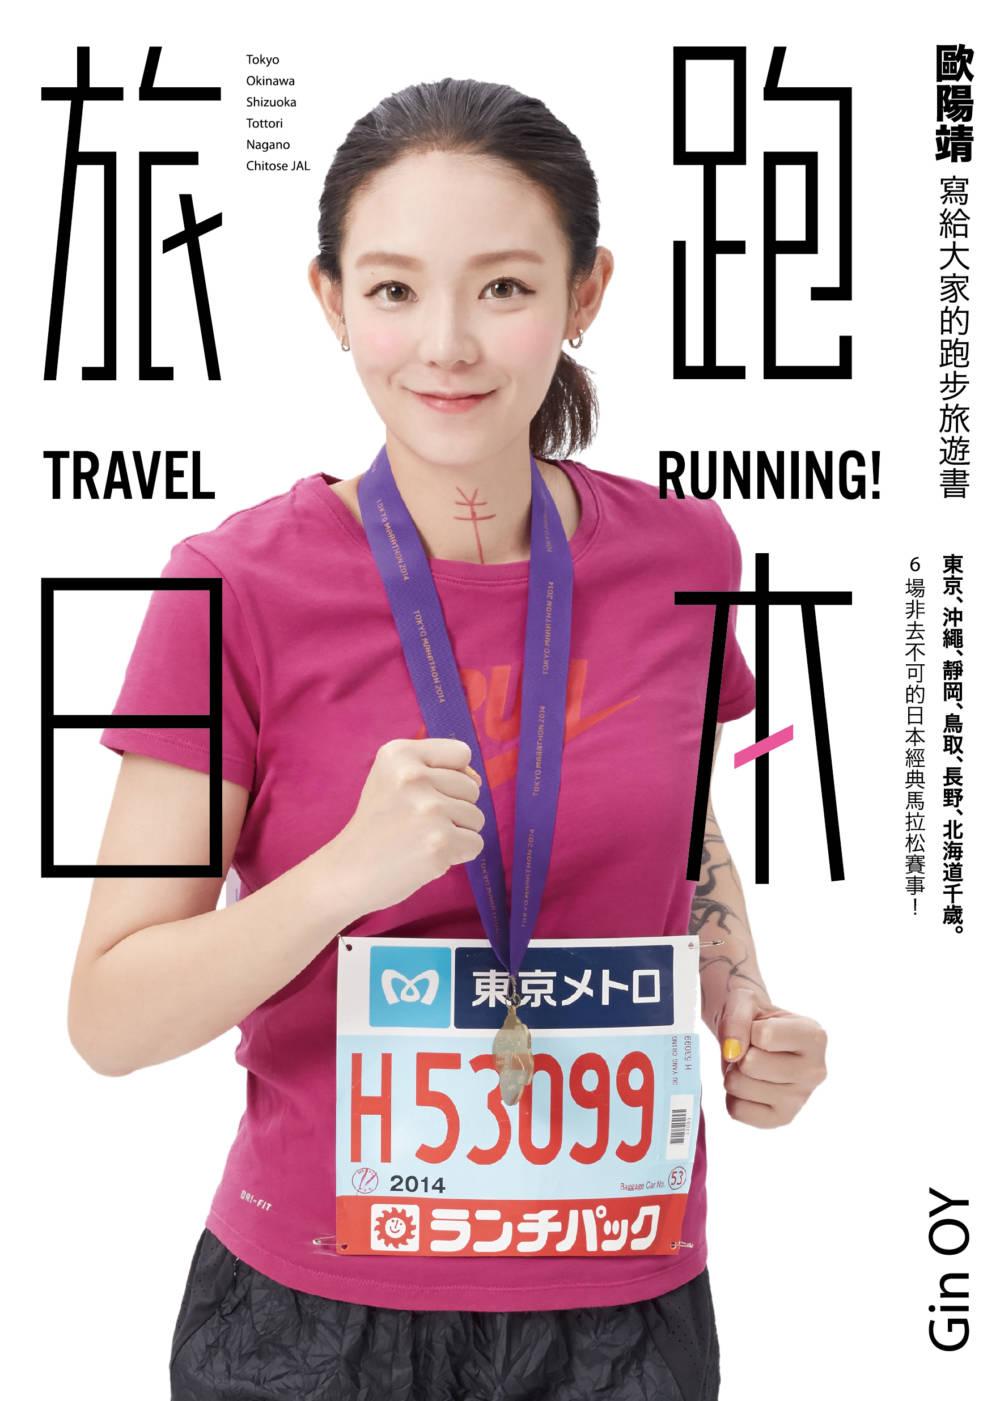 旅跑.日本:歐陽靖寫給大家的跑步旅遊書(獨家親簽版)